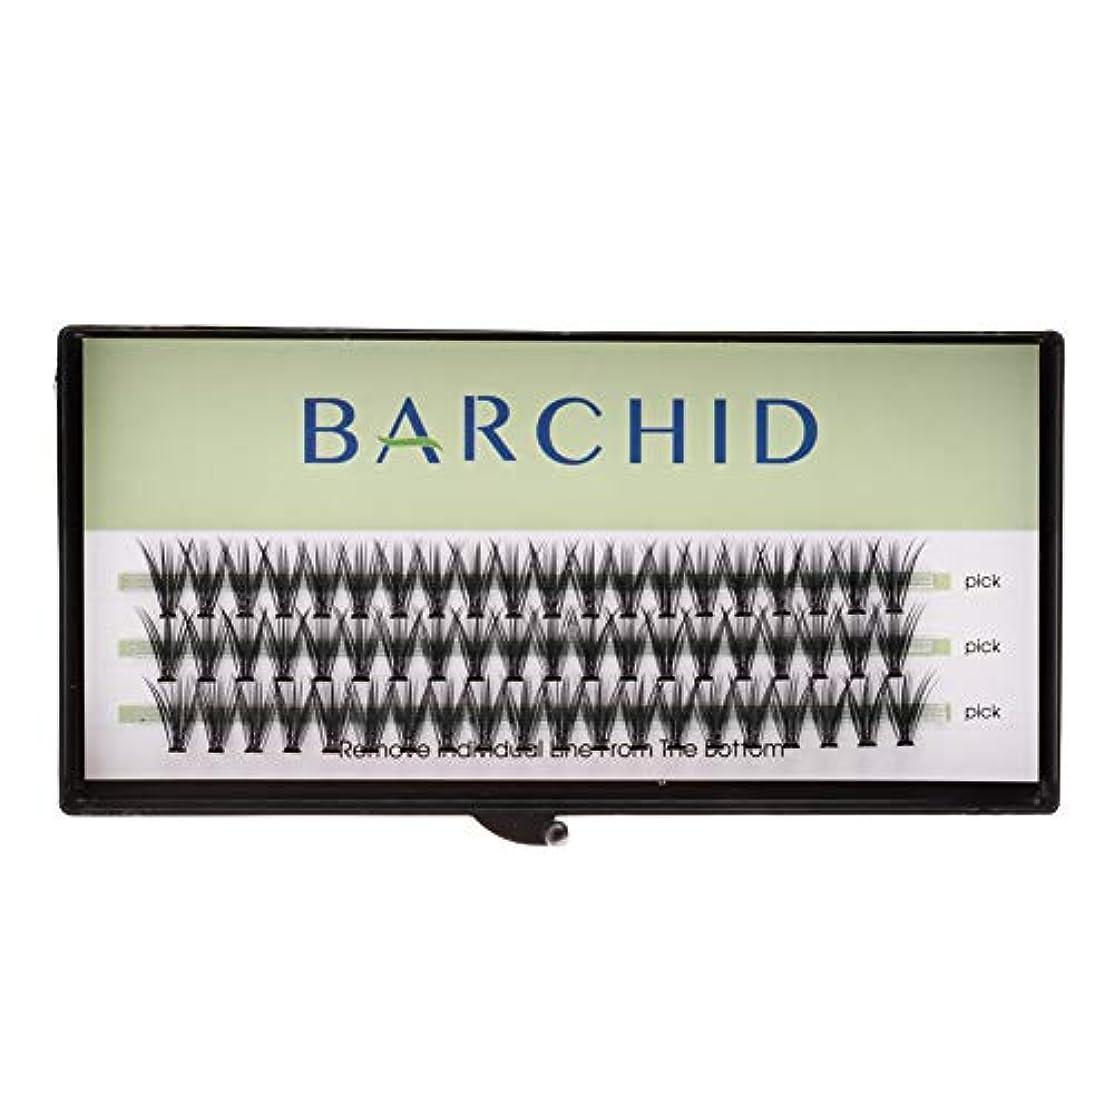 すべき事故散文BARCHID 高品質超極細まつげエクステ太さ0.07mm 20本束10mm Cカール フレア セルフ用 素材 マツエク